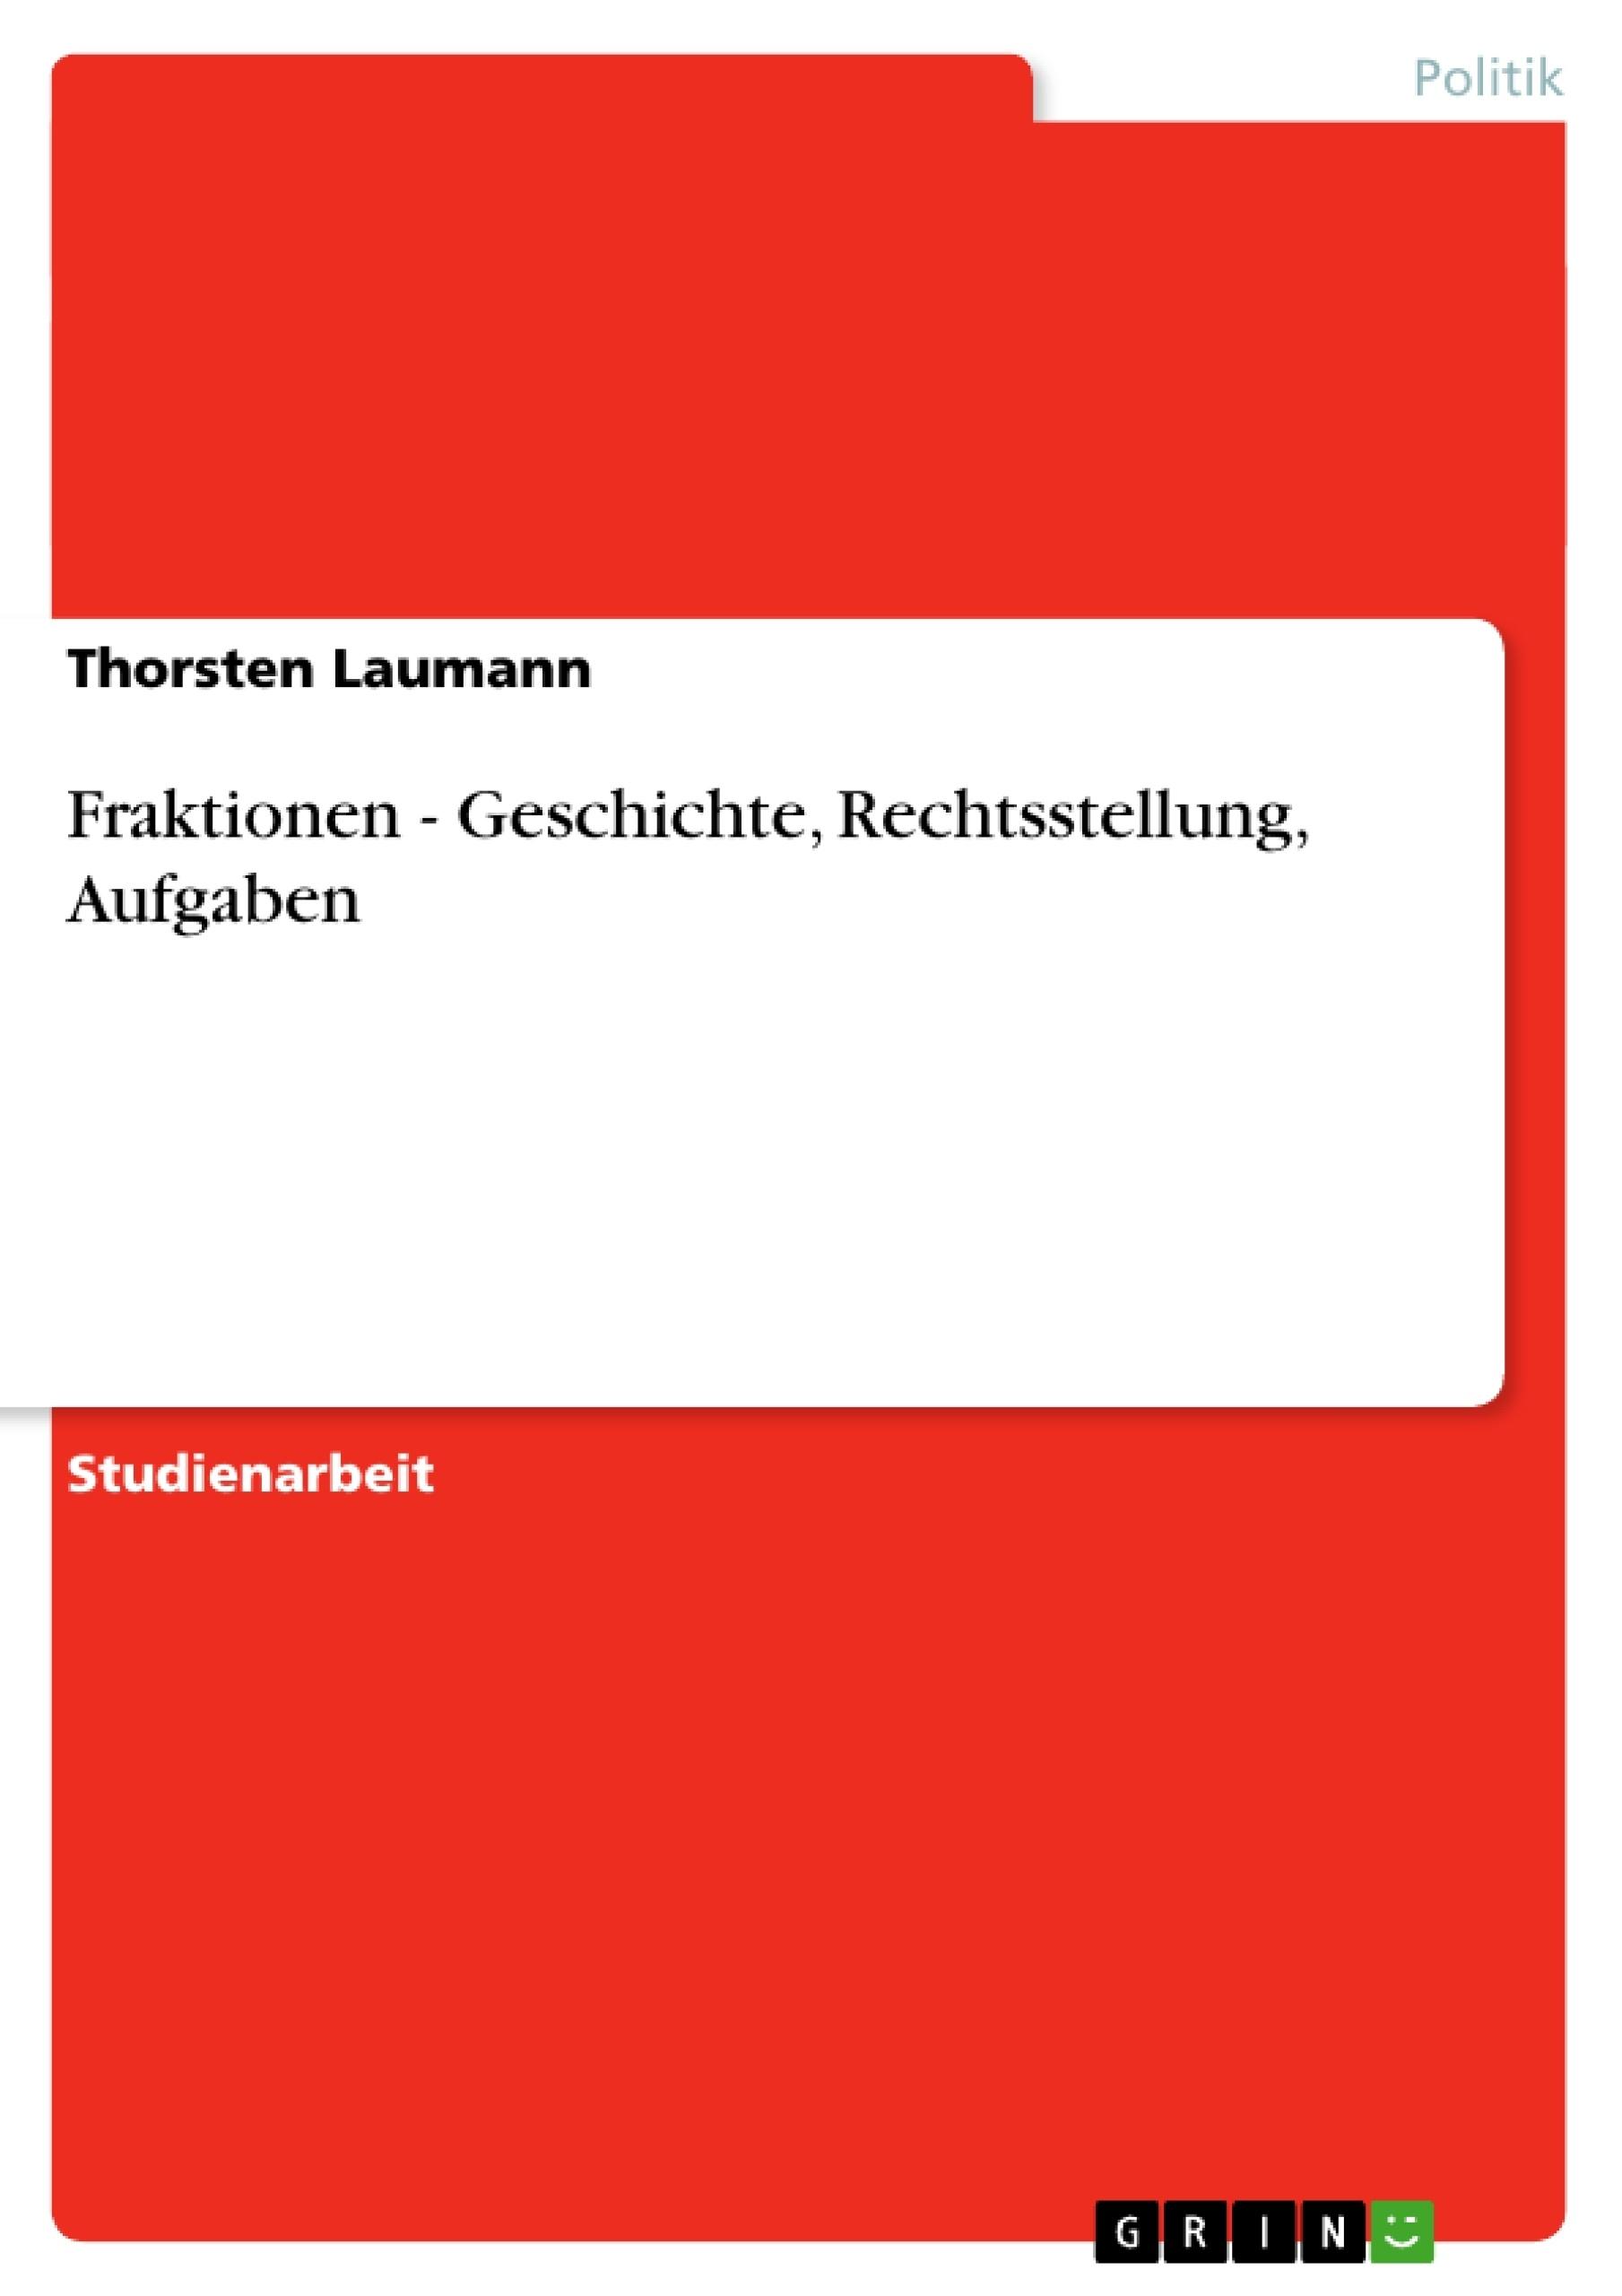 Titel: Fraktionen - Geschichte, Rechtsstellung, Aufgaben